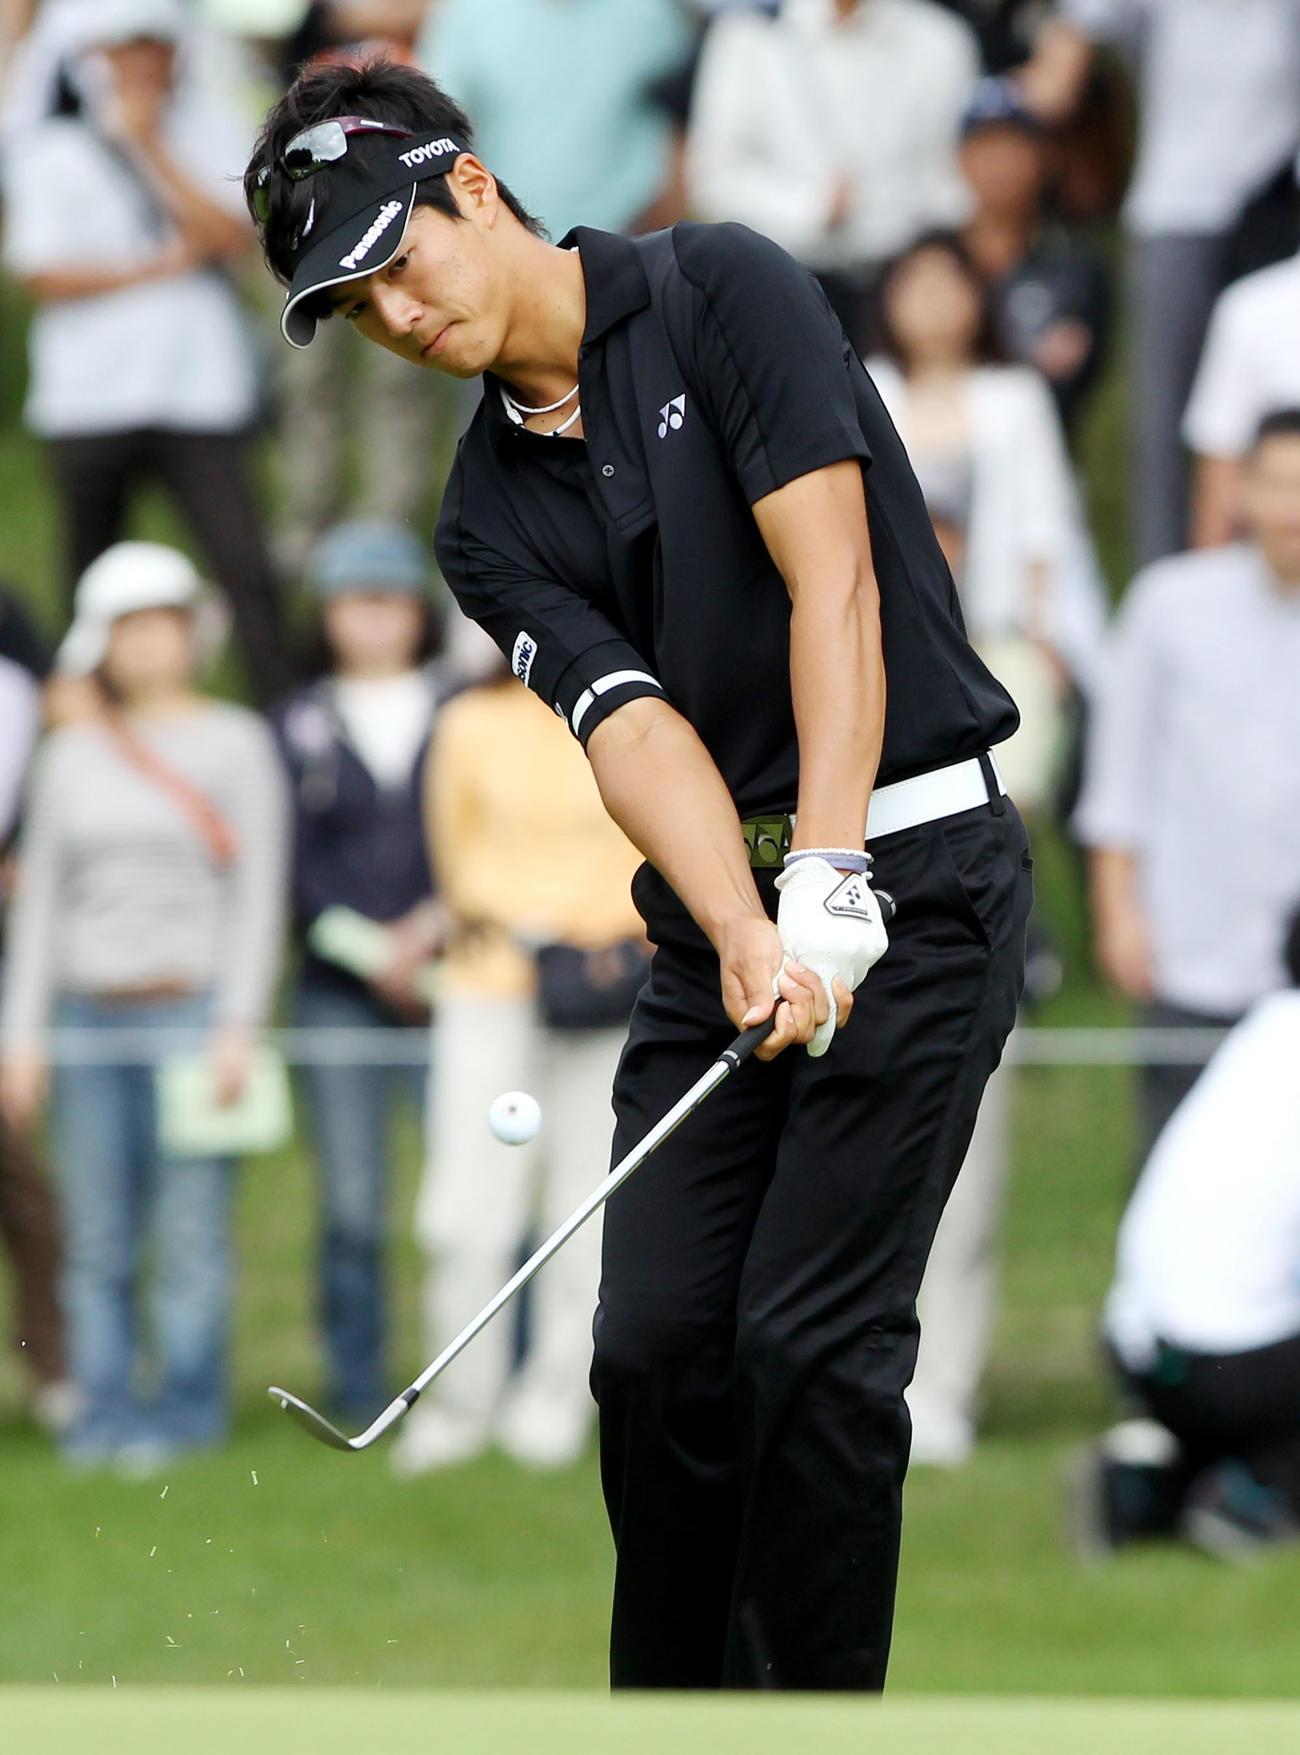 石川遼(2010年10月15日撮影)